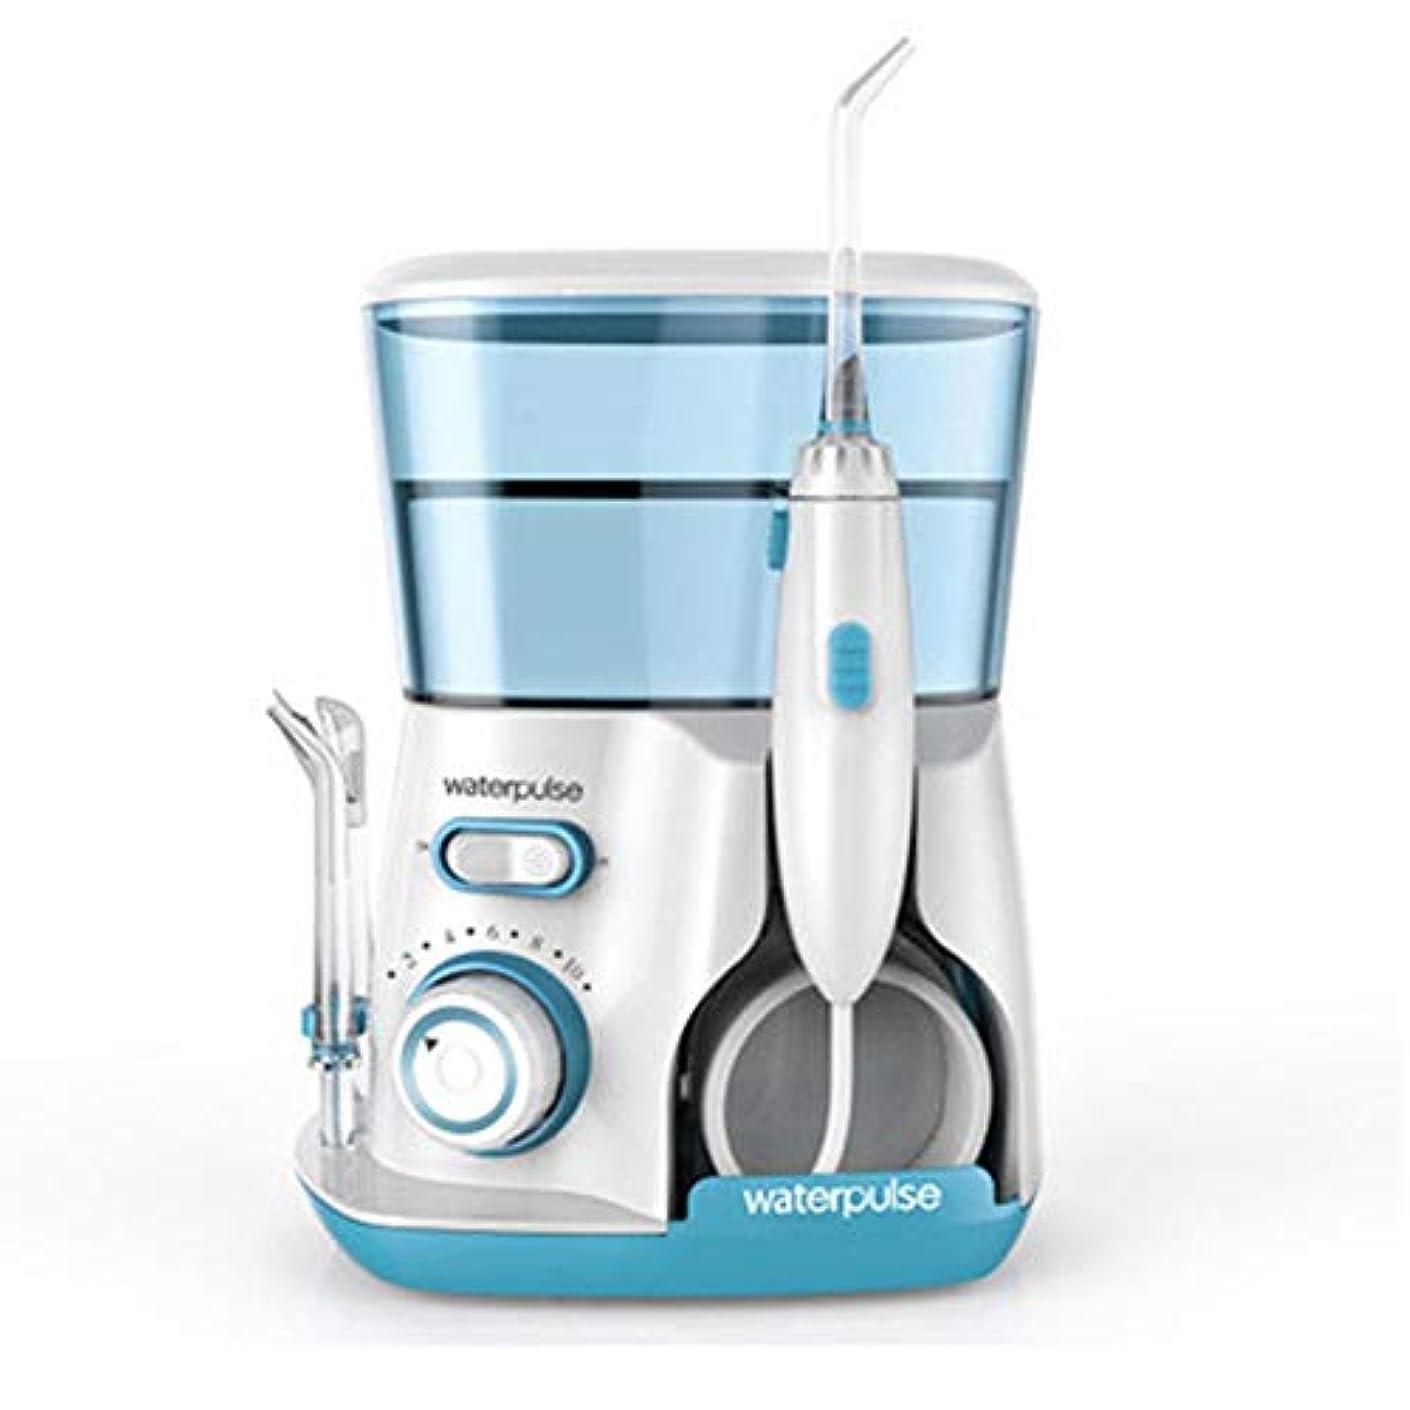 センサー精通した炭素水の容量800mlの5つの多機能ヒントのカウンタートップ歯科口腔洗浄器でリークプルーフ電気静かな設計ホーム&トラベル (色 : Green)